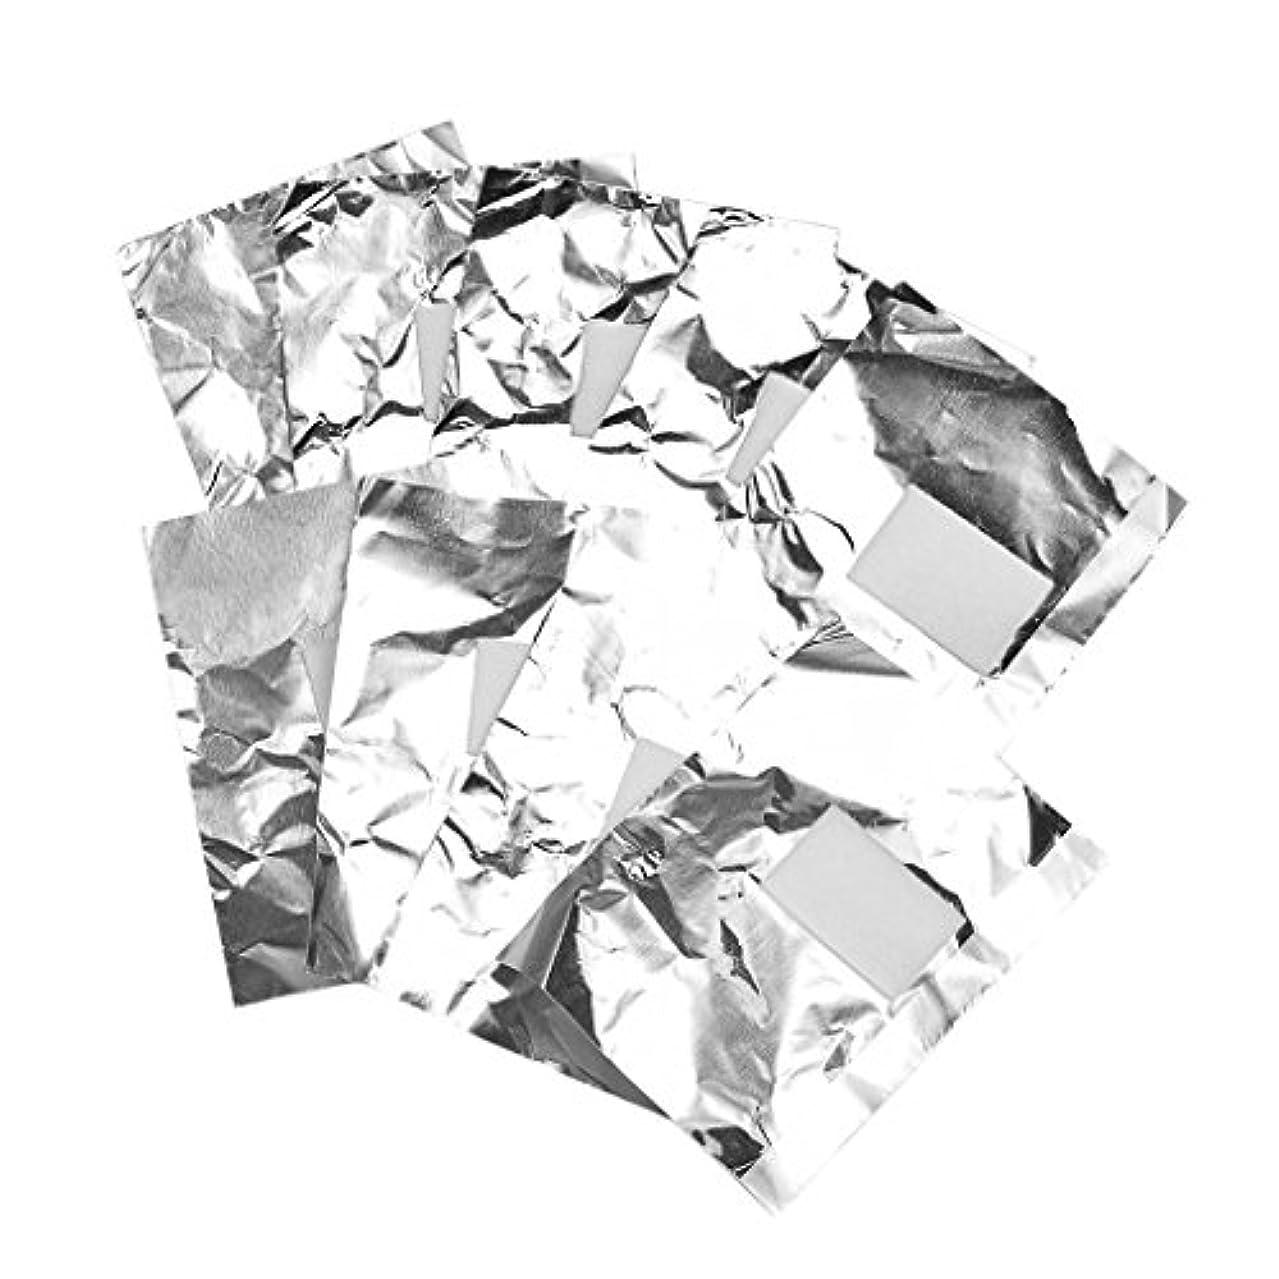 約100枚 ジェル除却 ネイルアート 錫箔紙 のり除却可能 ネイルオイル クリーナーツール 爪装飾除き 包み紙